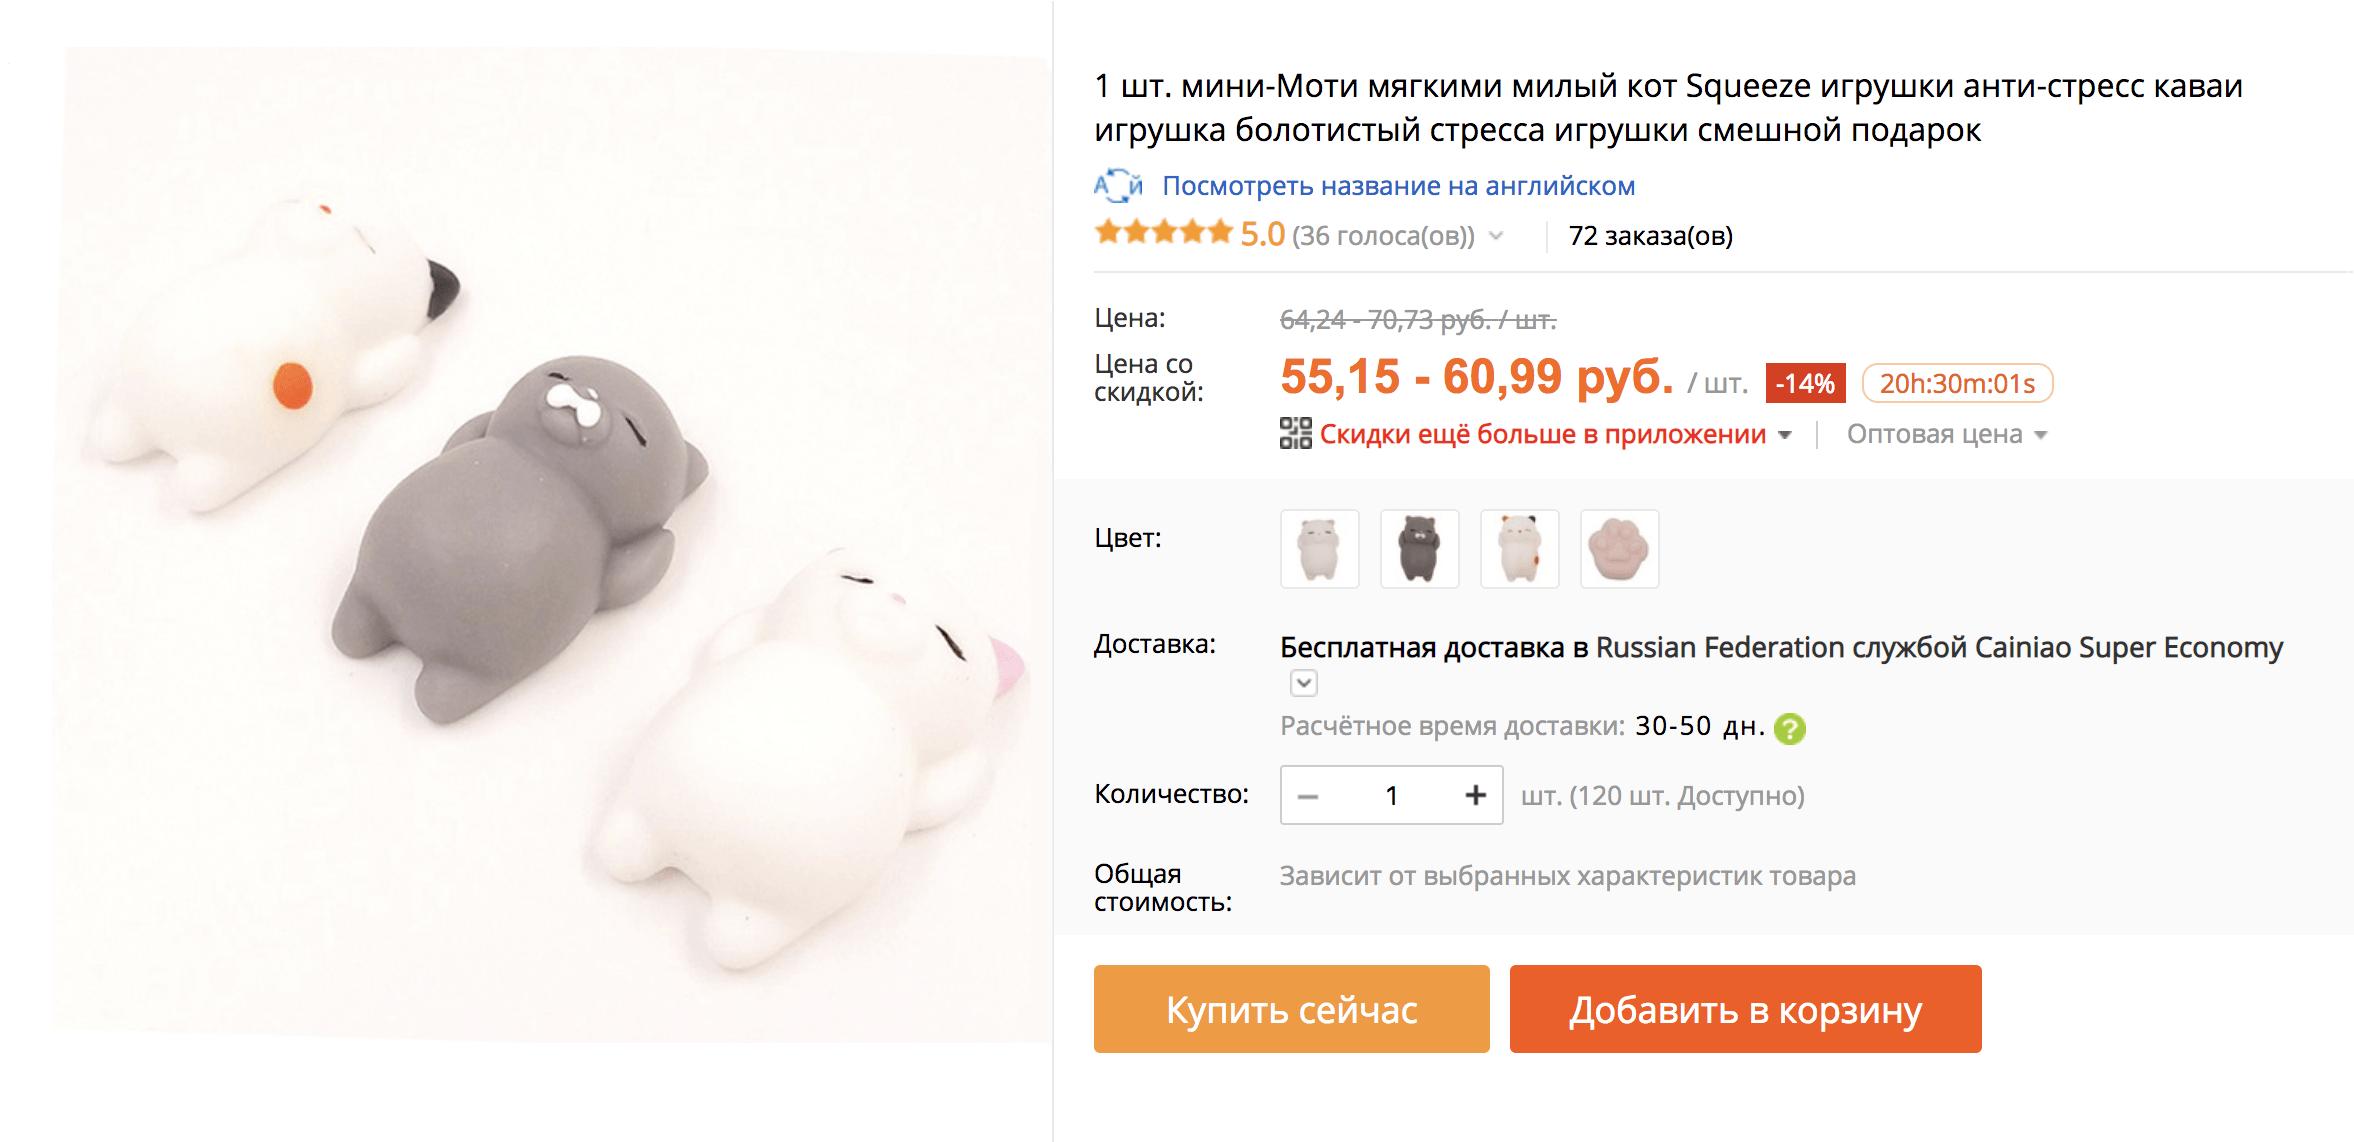 Заказал игрушку по купону